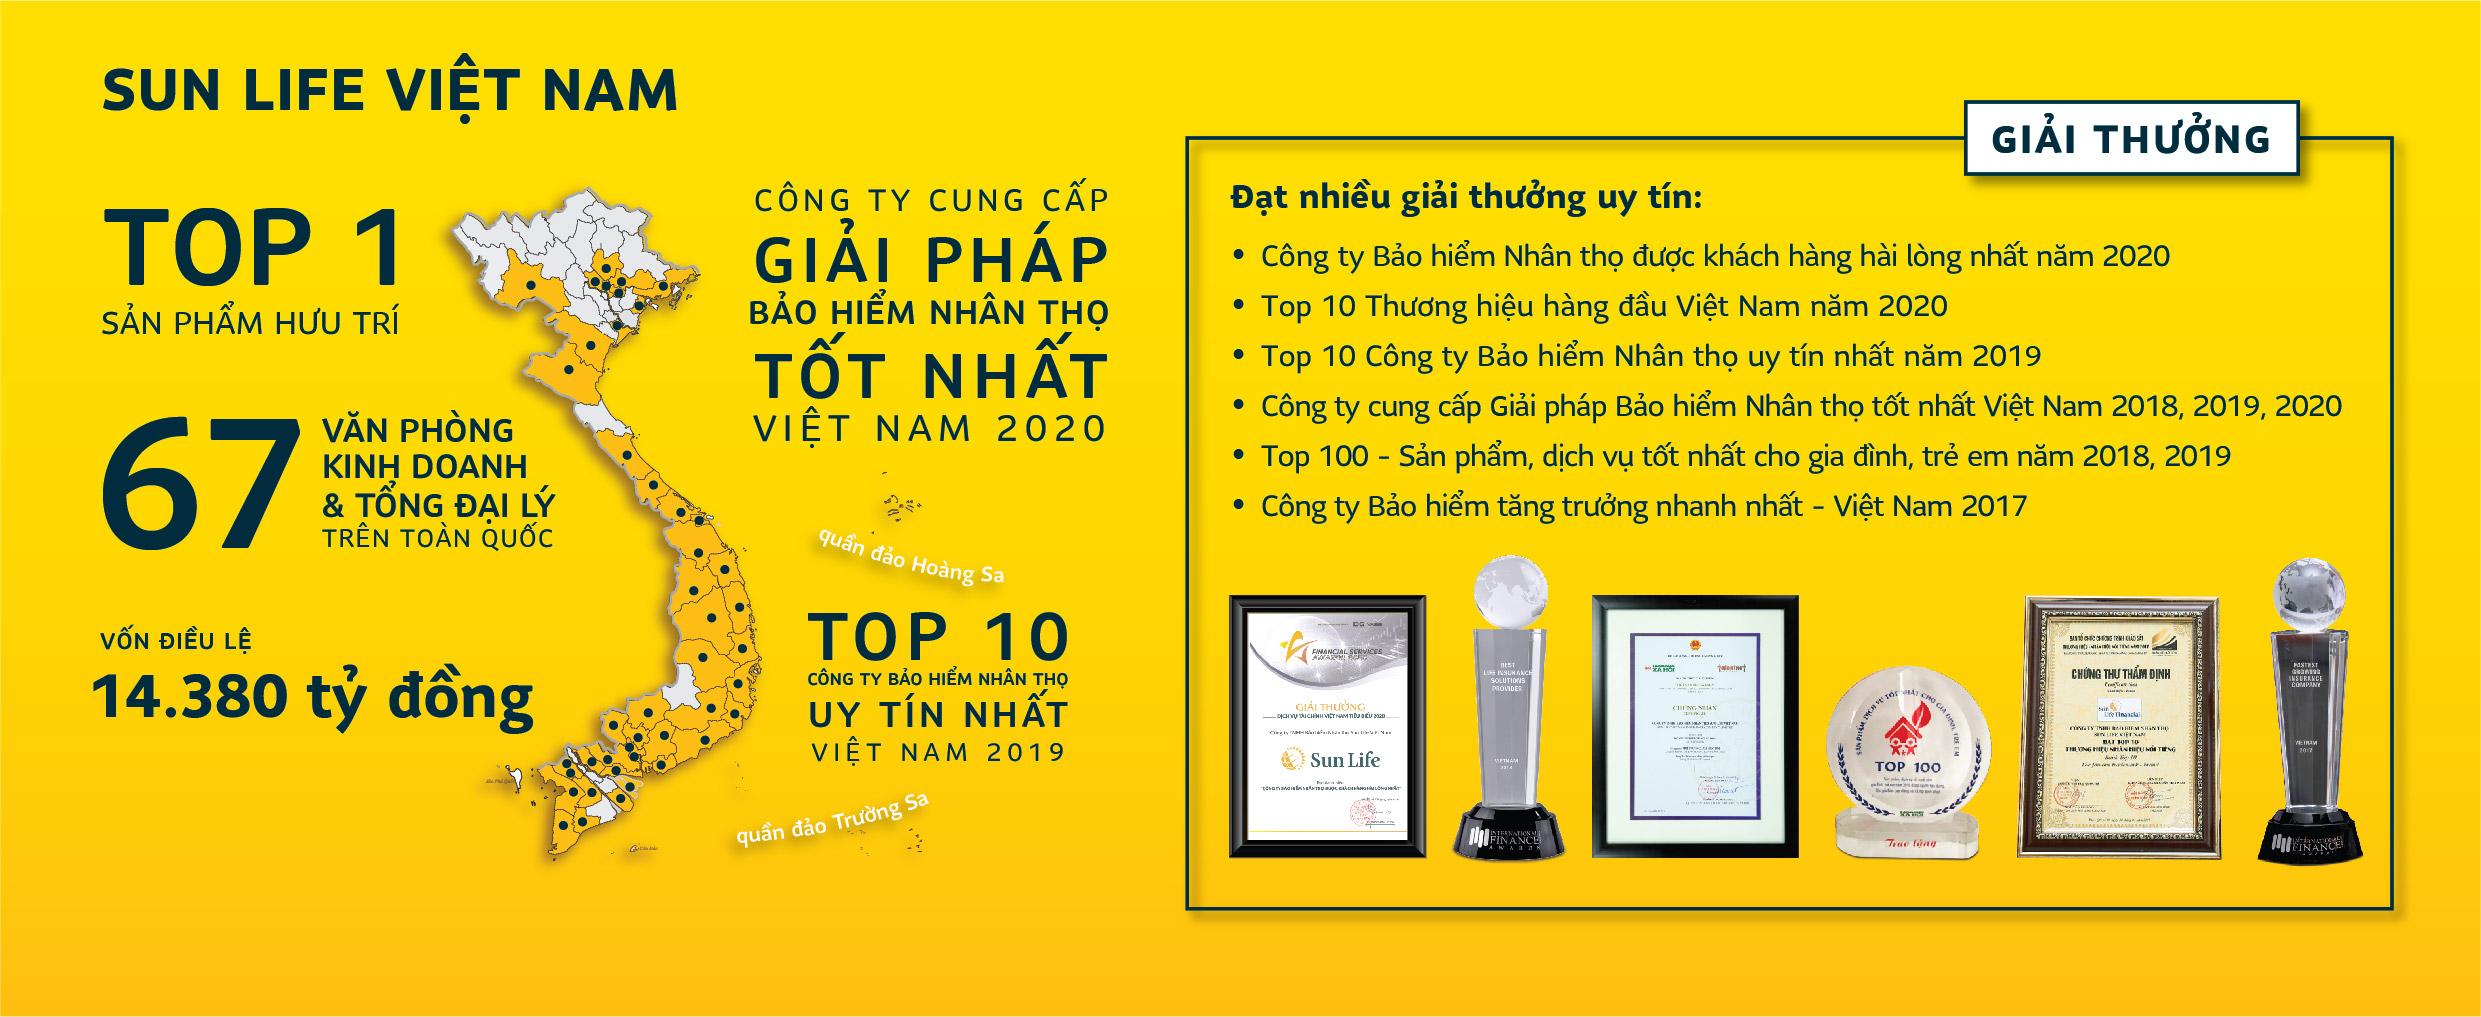 Sun Life Việt Nam là công ty tiên phong và dẫn đầu thị trường trong lĩnh vực bảo hiểm hưu trí